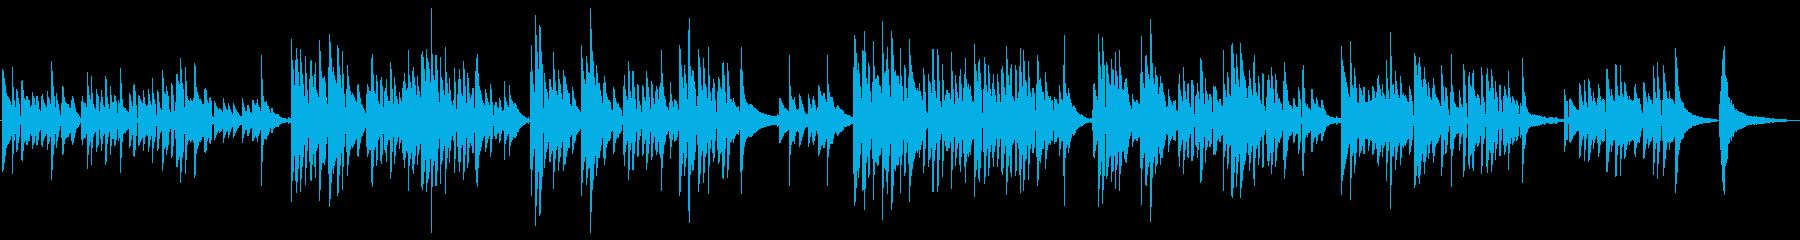 ソロギター。歌のように、シンプルで...の再生済みの波形